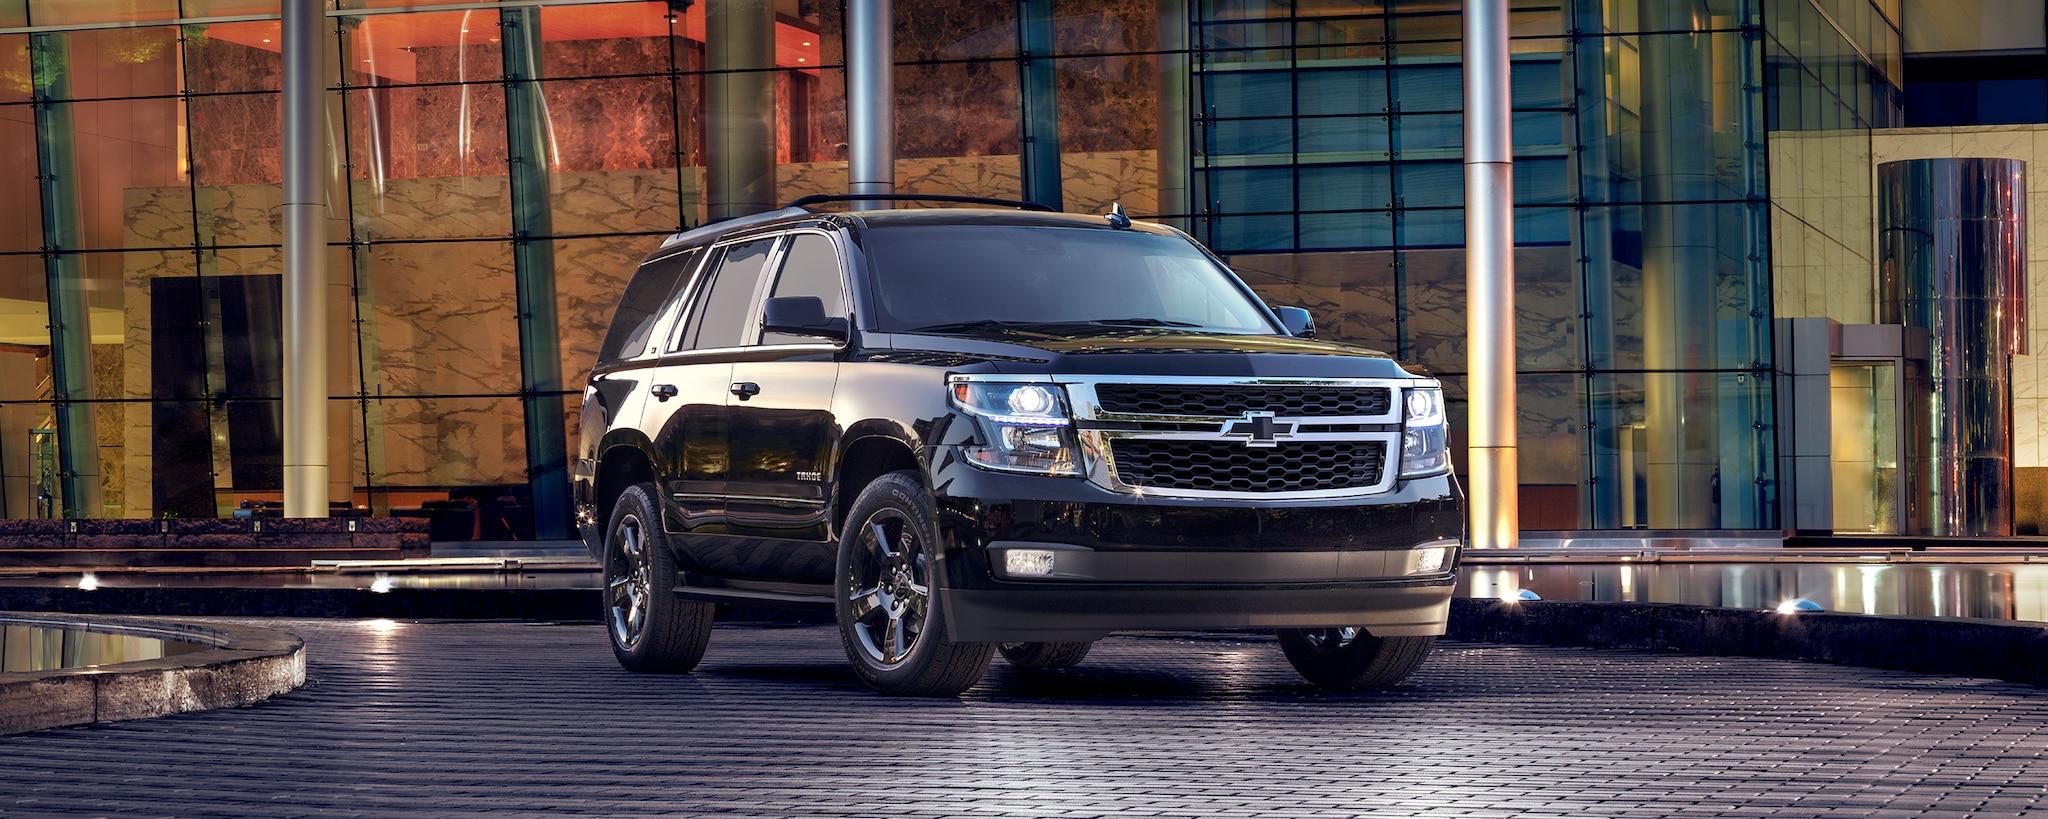 Vehículos comerciales de Chevrolet: SUV de tamaño completo Tahoe: perfil delantero